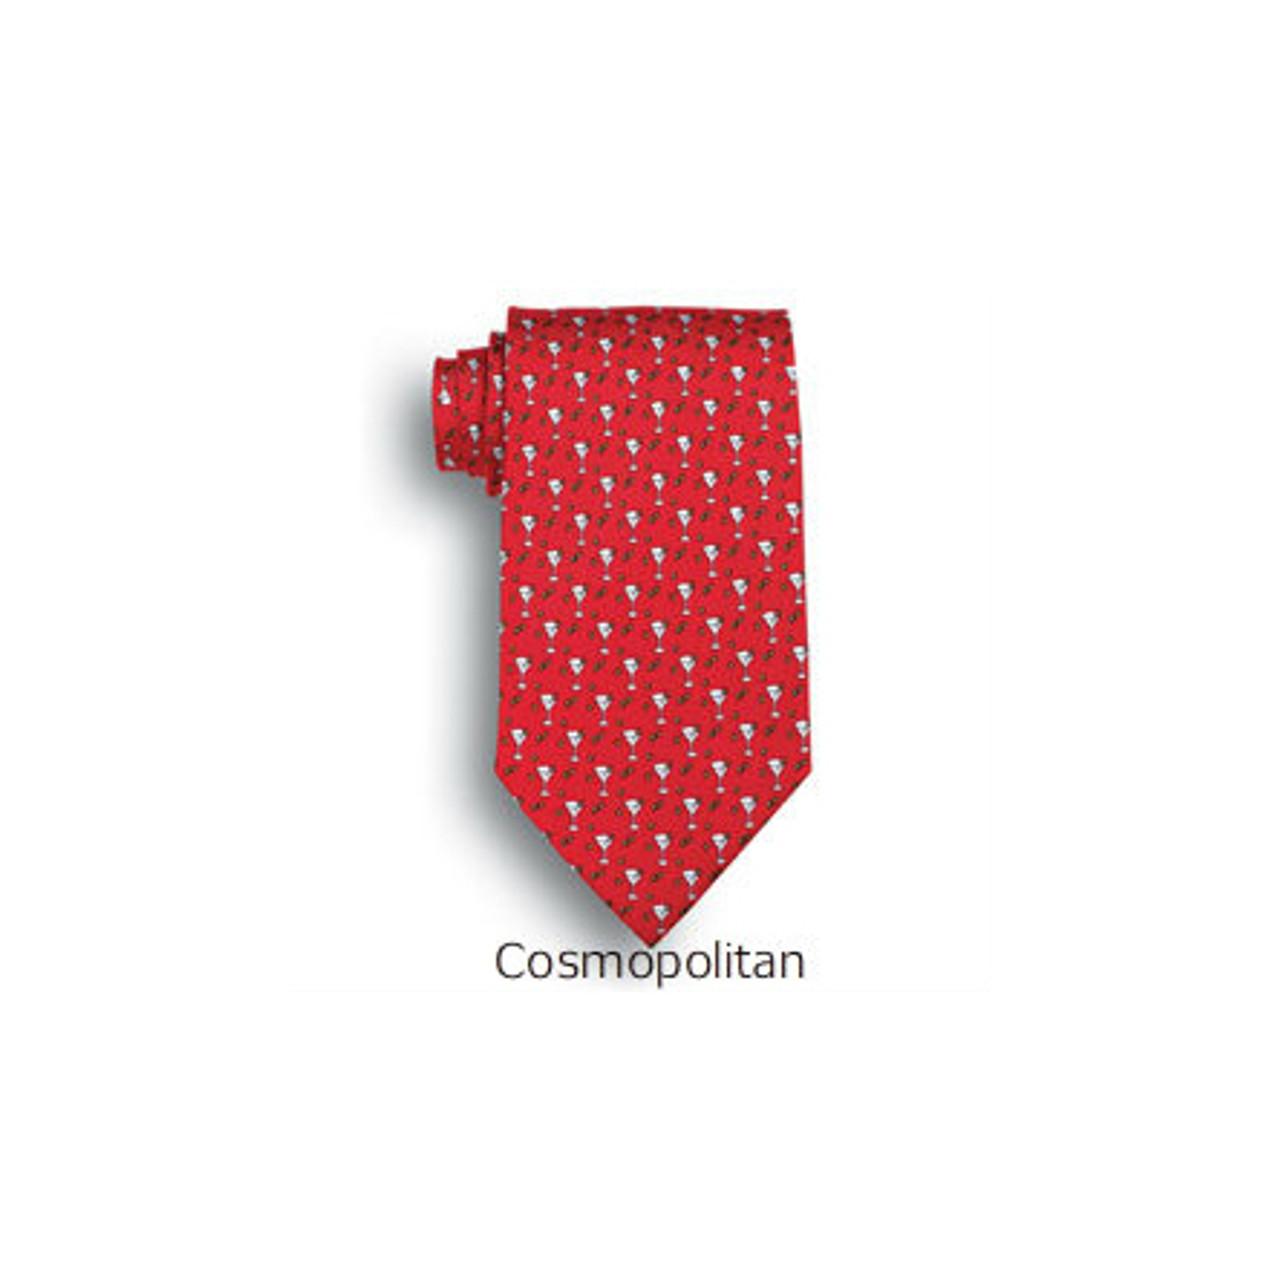 Cosmopolitan Tie